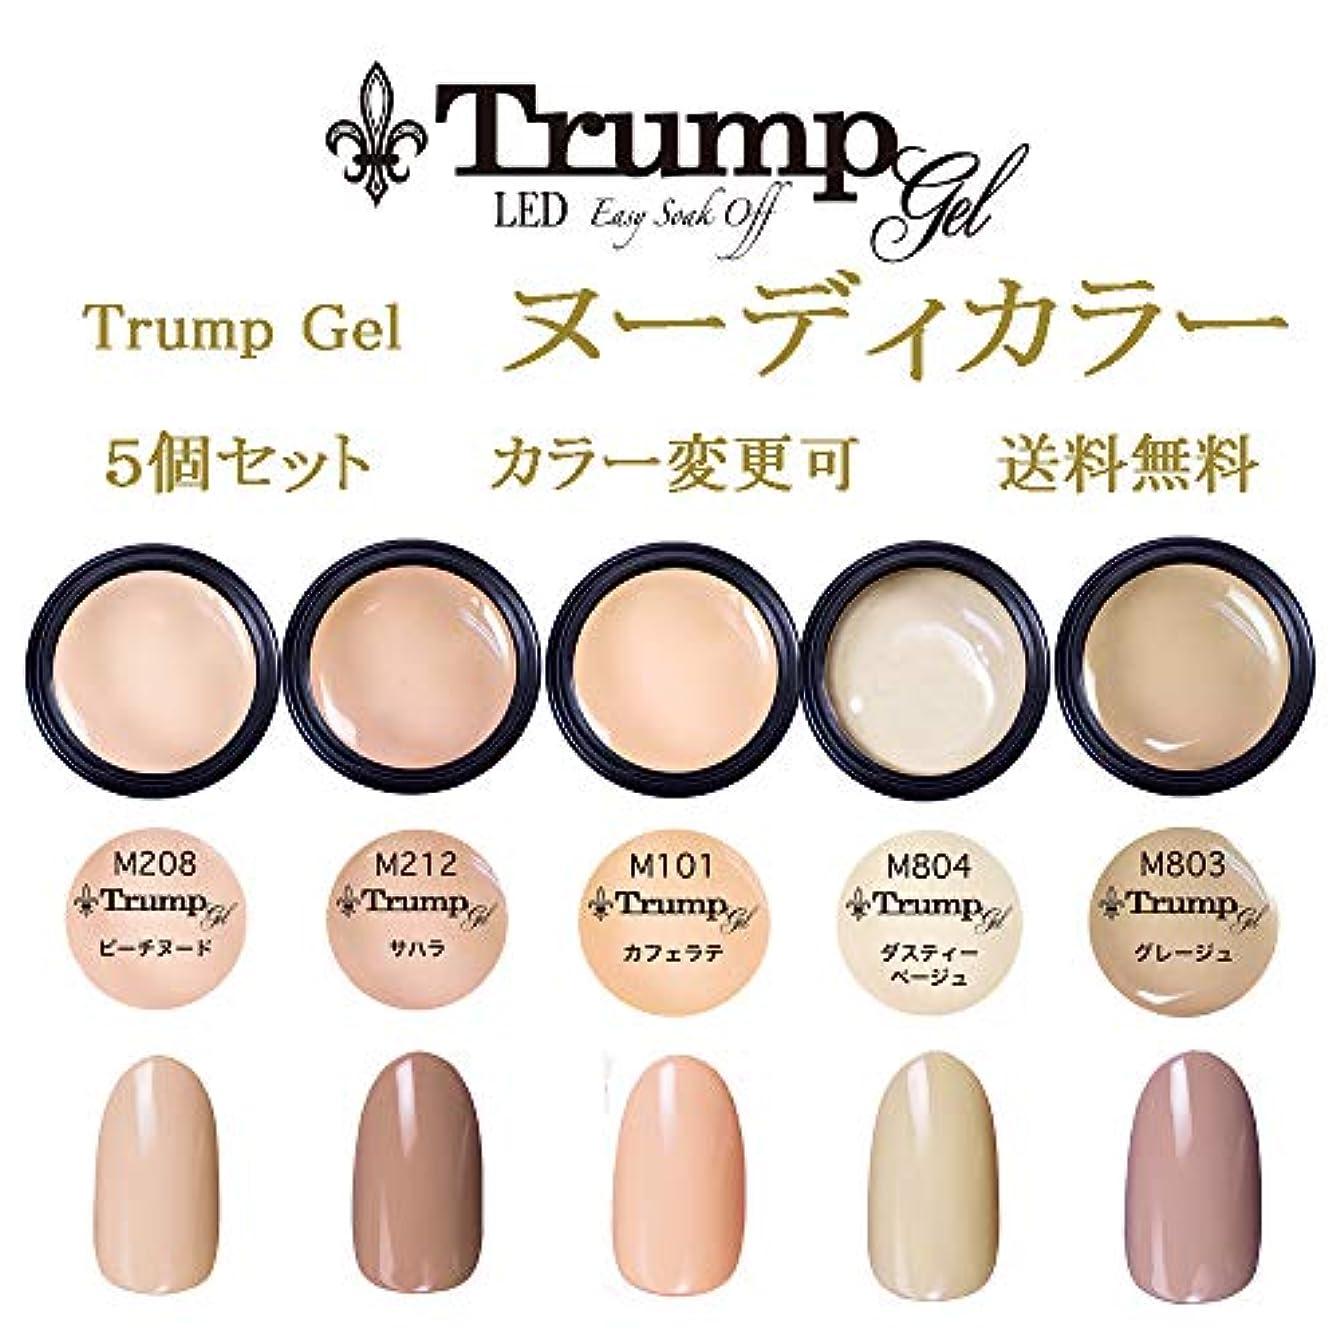 赤道スムーズにオズワルド日本製 Trump gel トランプジェル ヌーディカラー 選べる カラージェル 5個セット ベージュ ブラウン ピンク